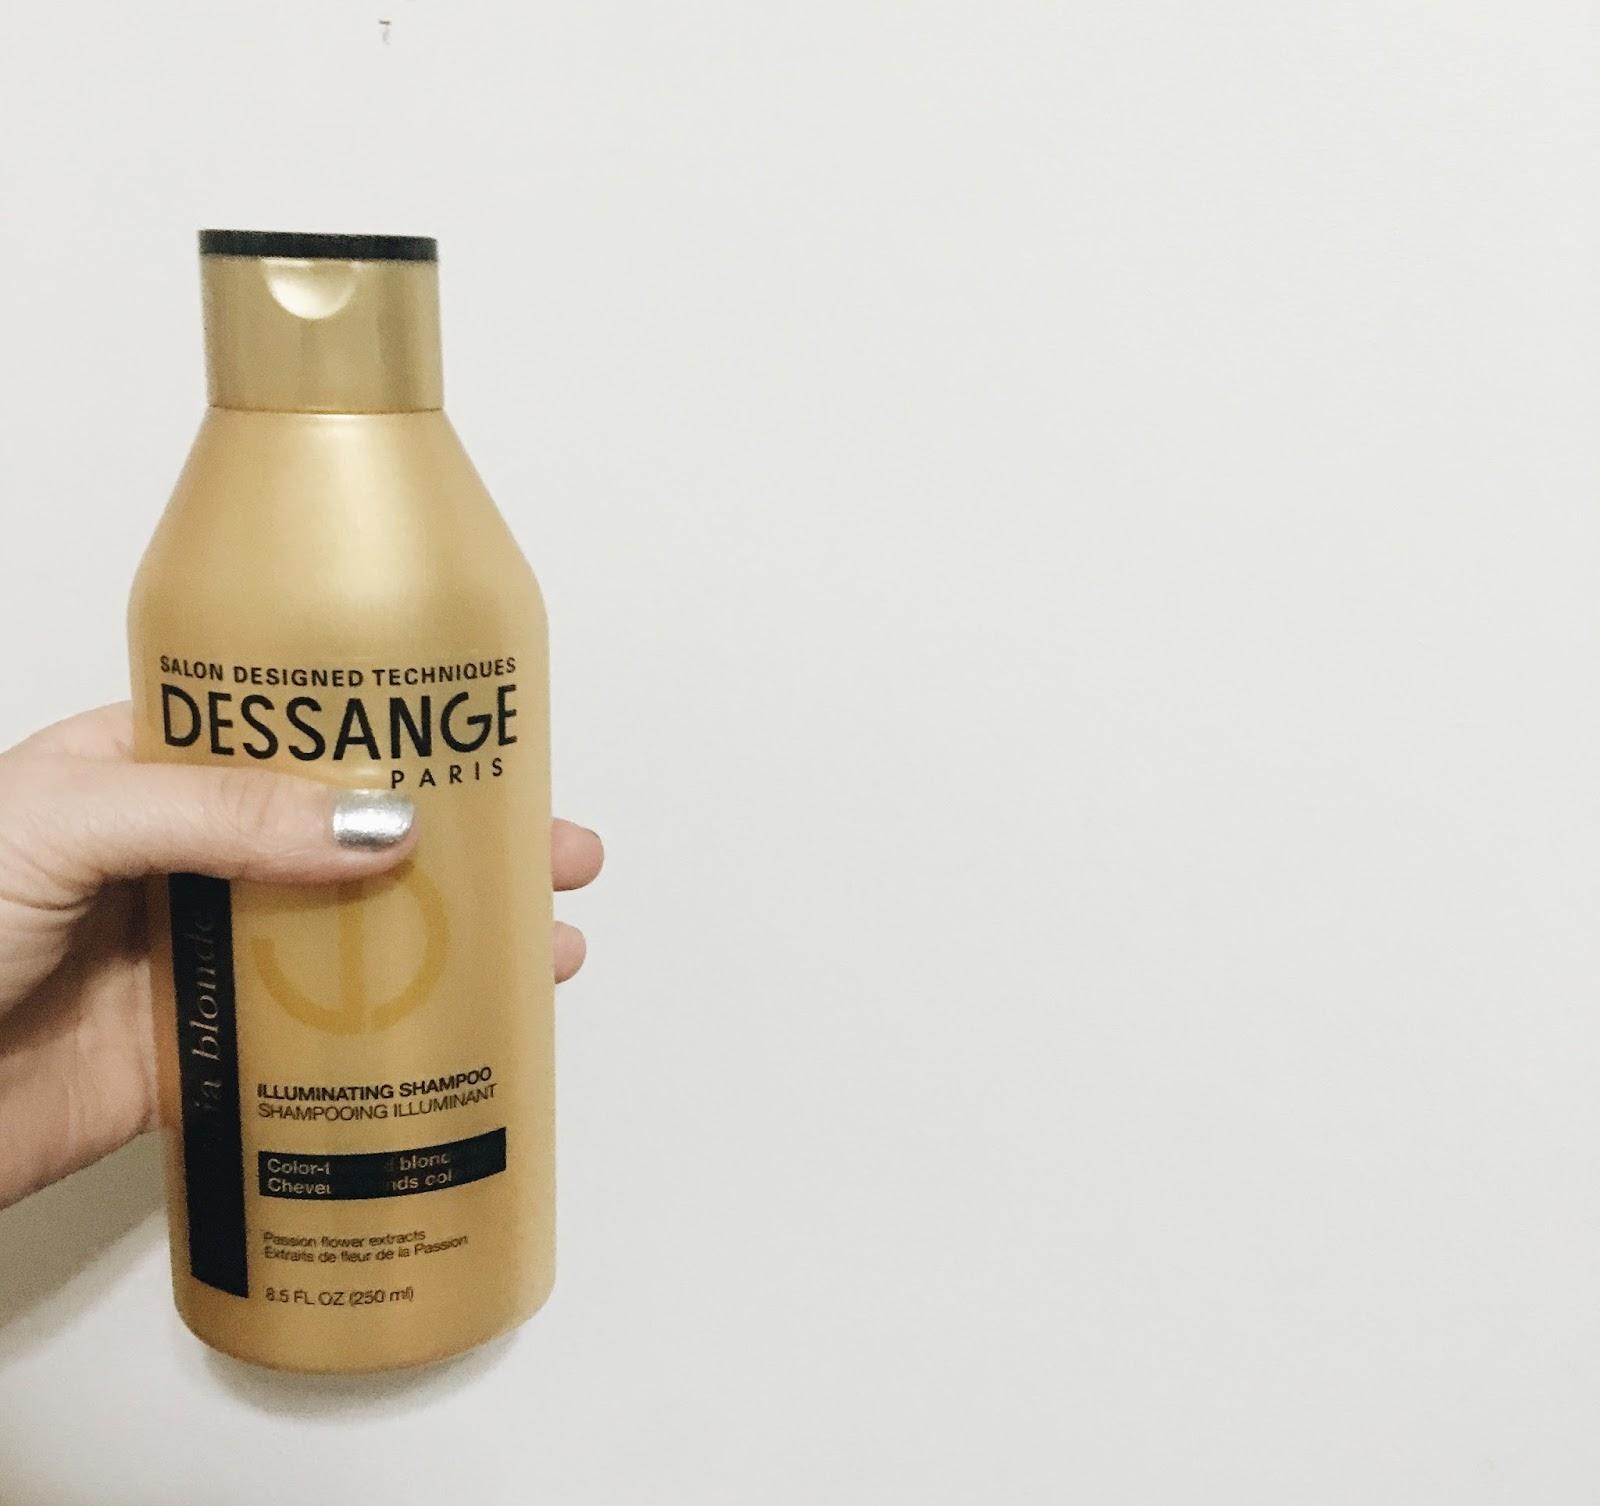 Dessange Paris: A Blonde's BFF